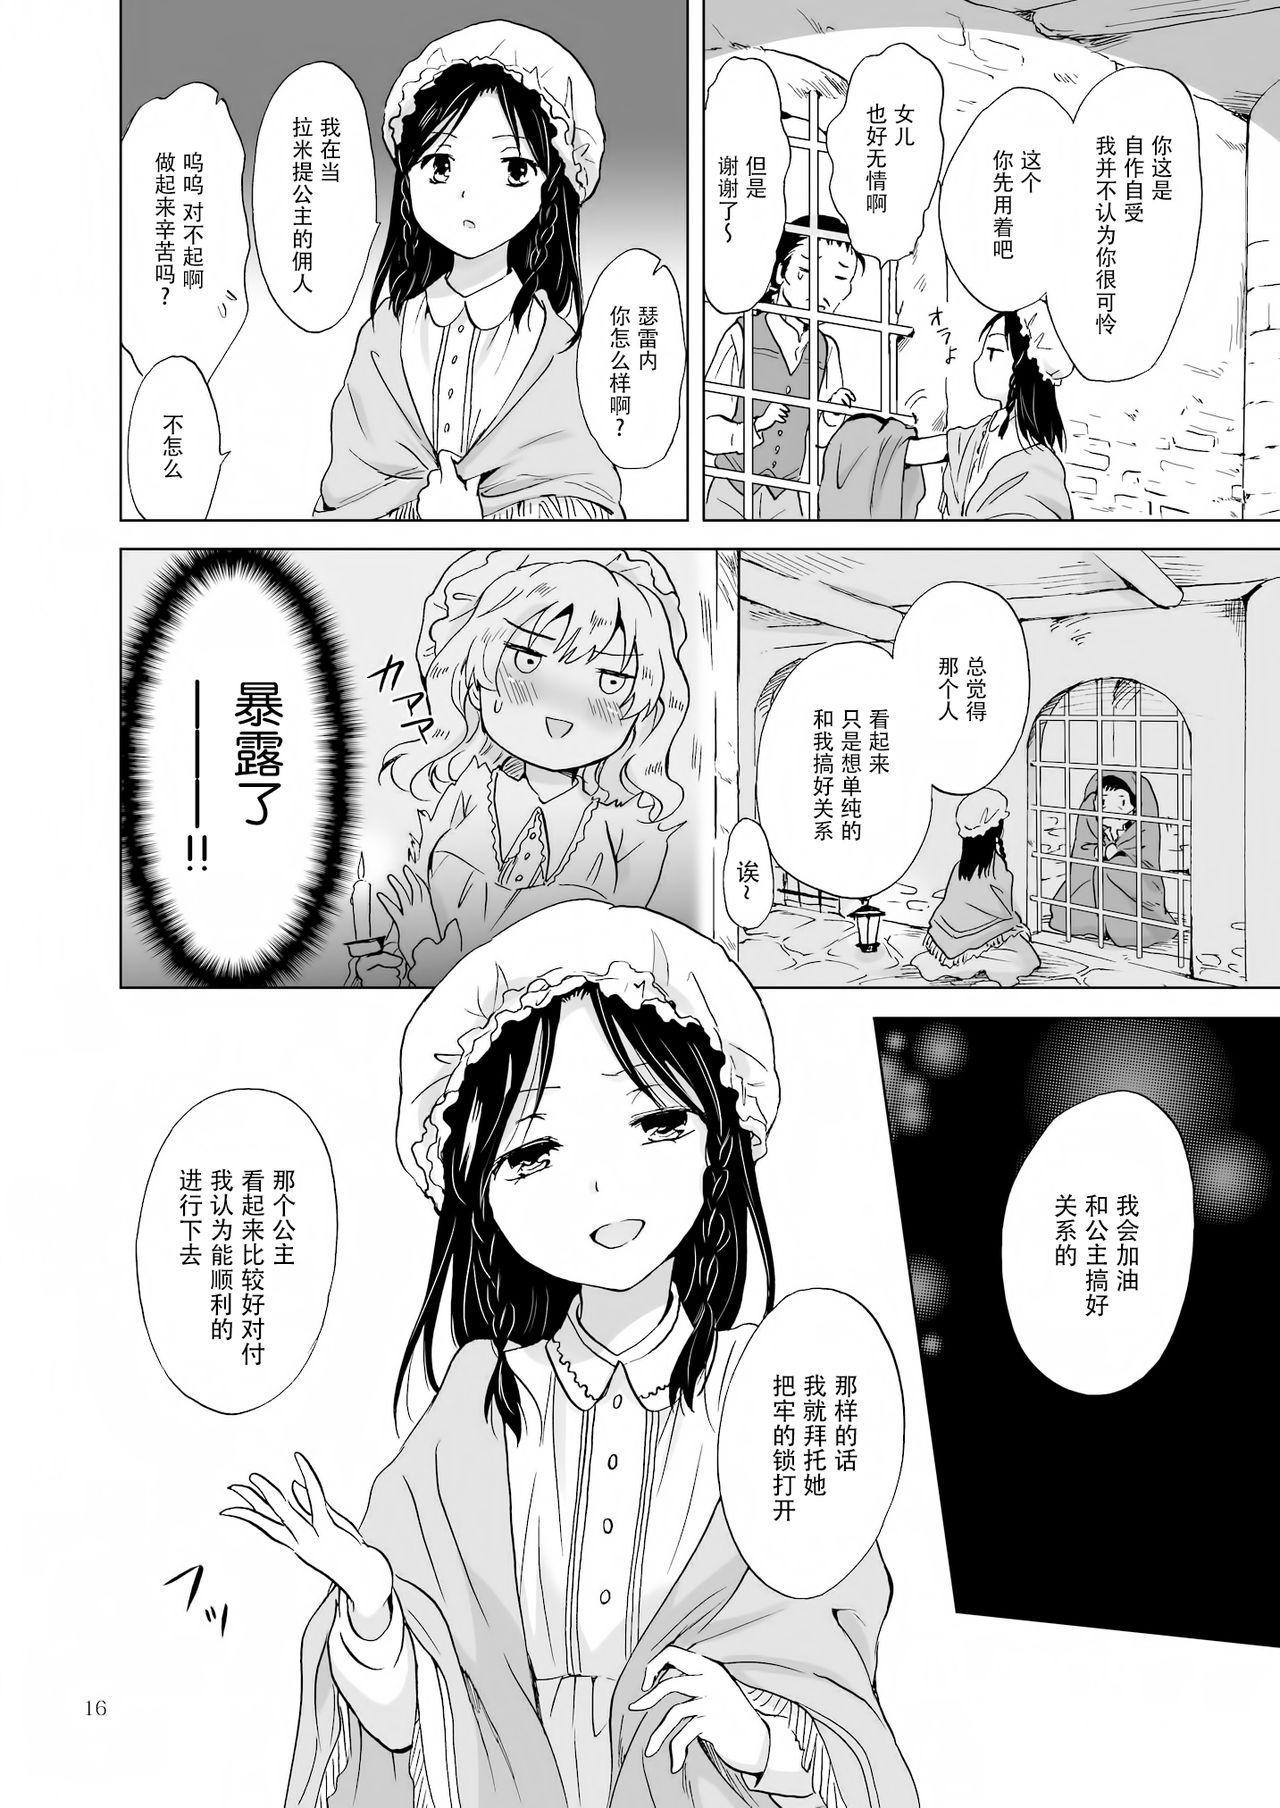 [peachpulsar (Mira)] Hime-sama to Dorei-chan [Chinese] [脸肿汉化组] [Digital] 15